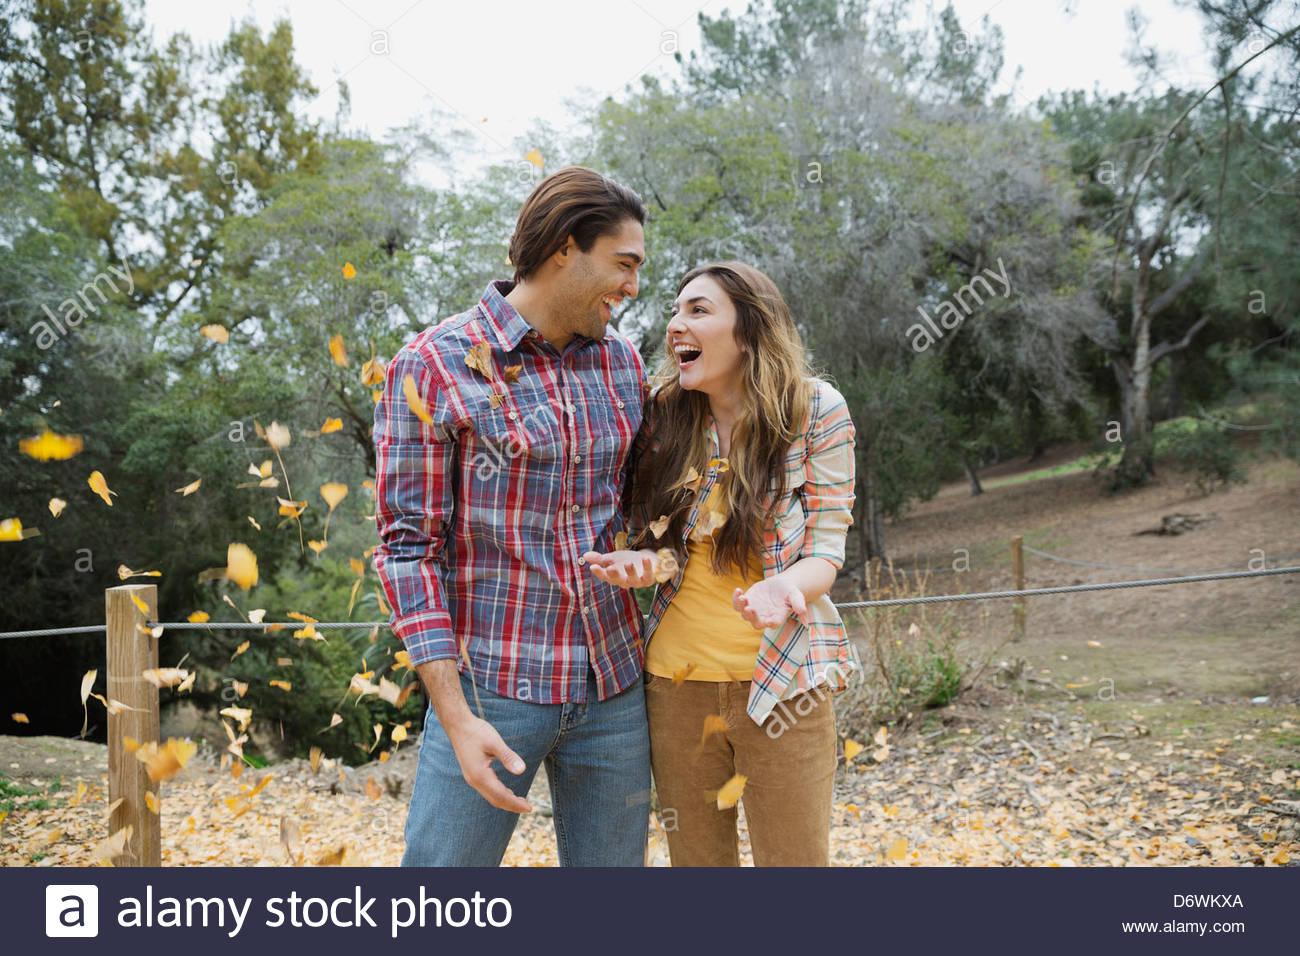 Pareja joven alegre mirarse mientras juega con las hojas de otoño en el parque Foto de stock